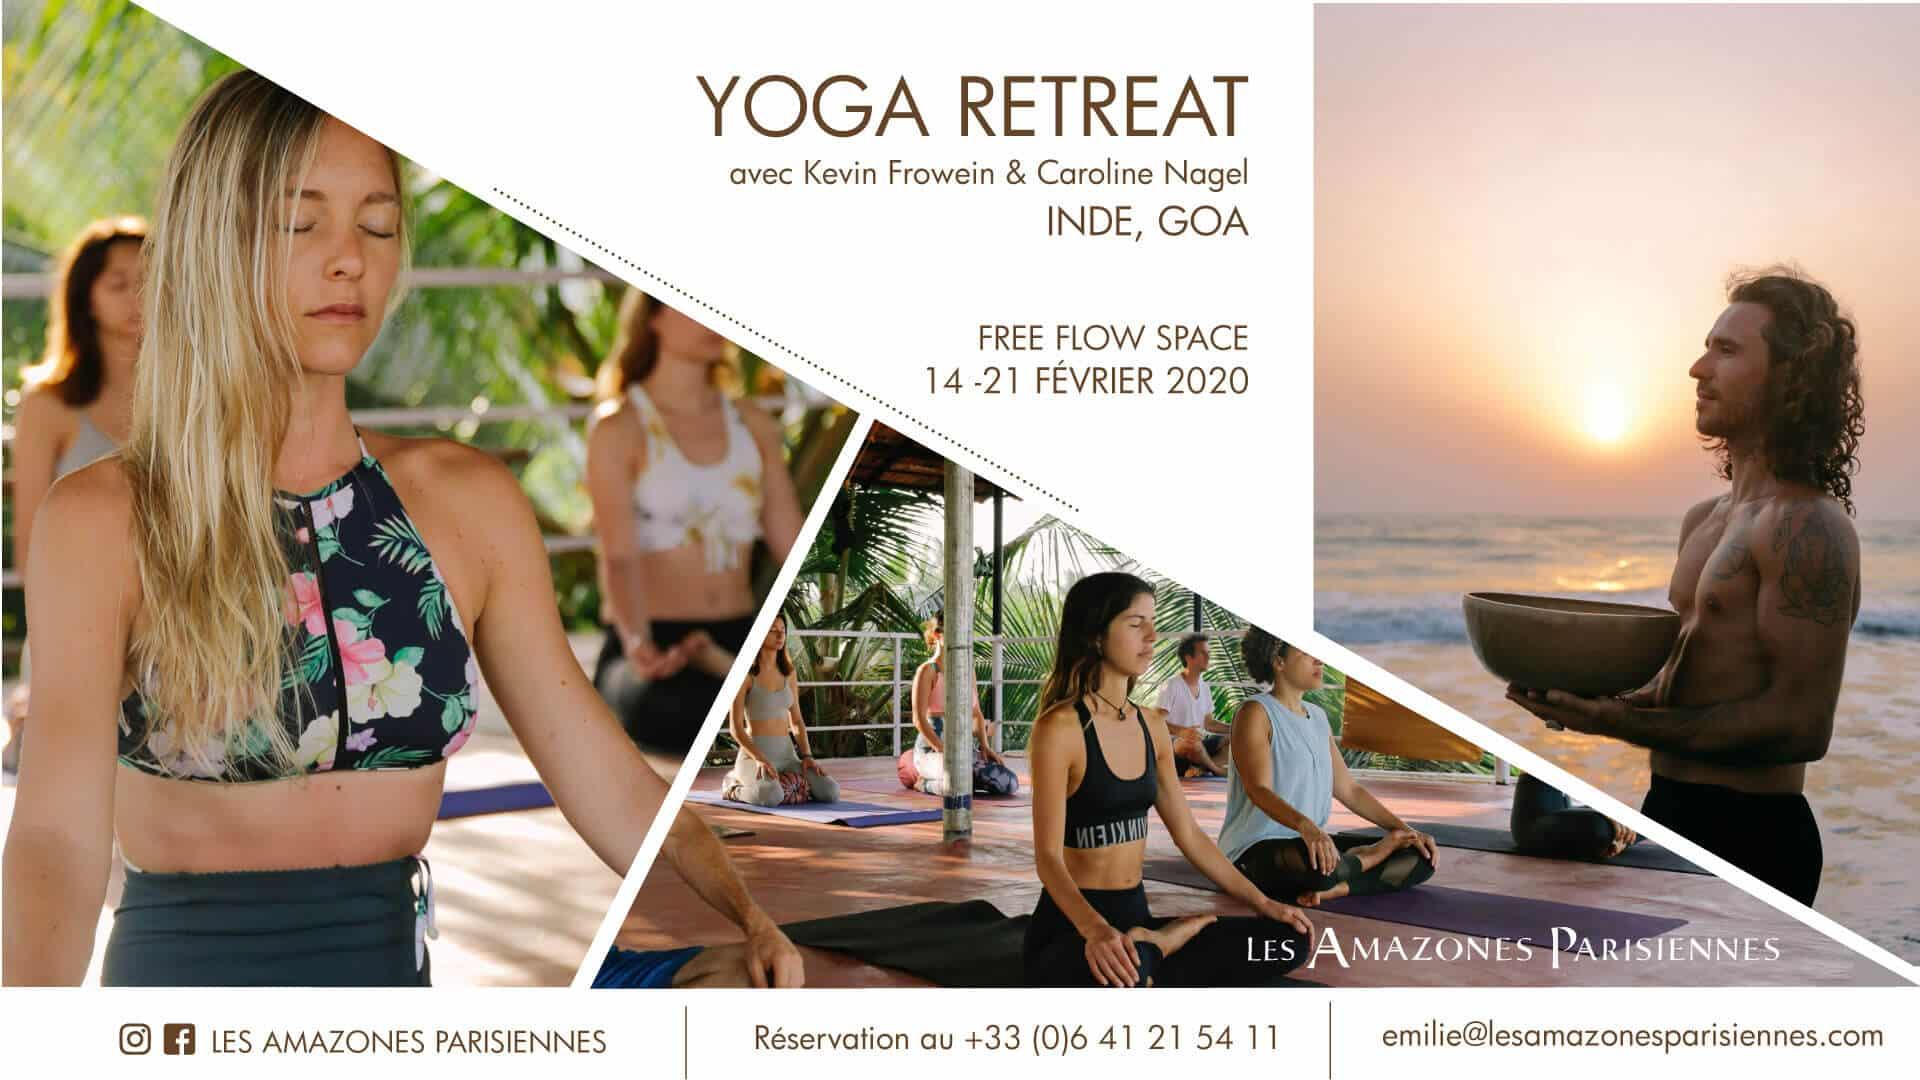 Stage Yoga pas cher Retraite Inde Goa Février 2020